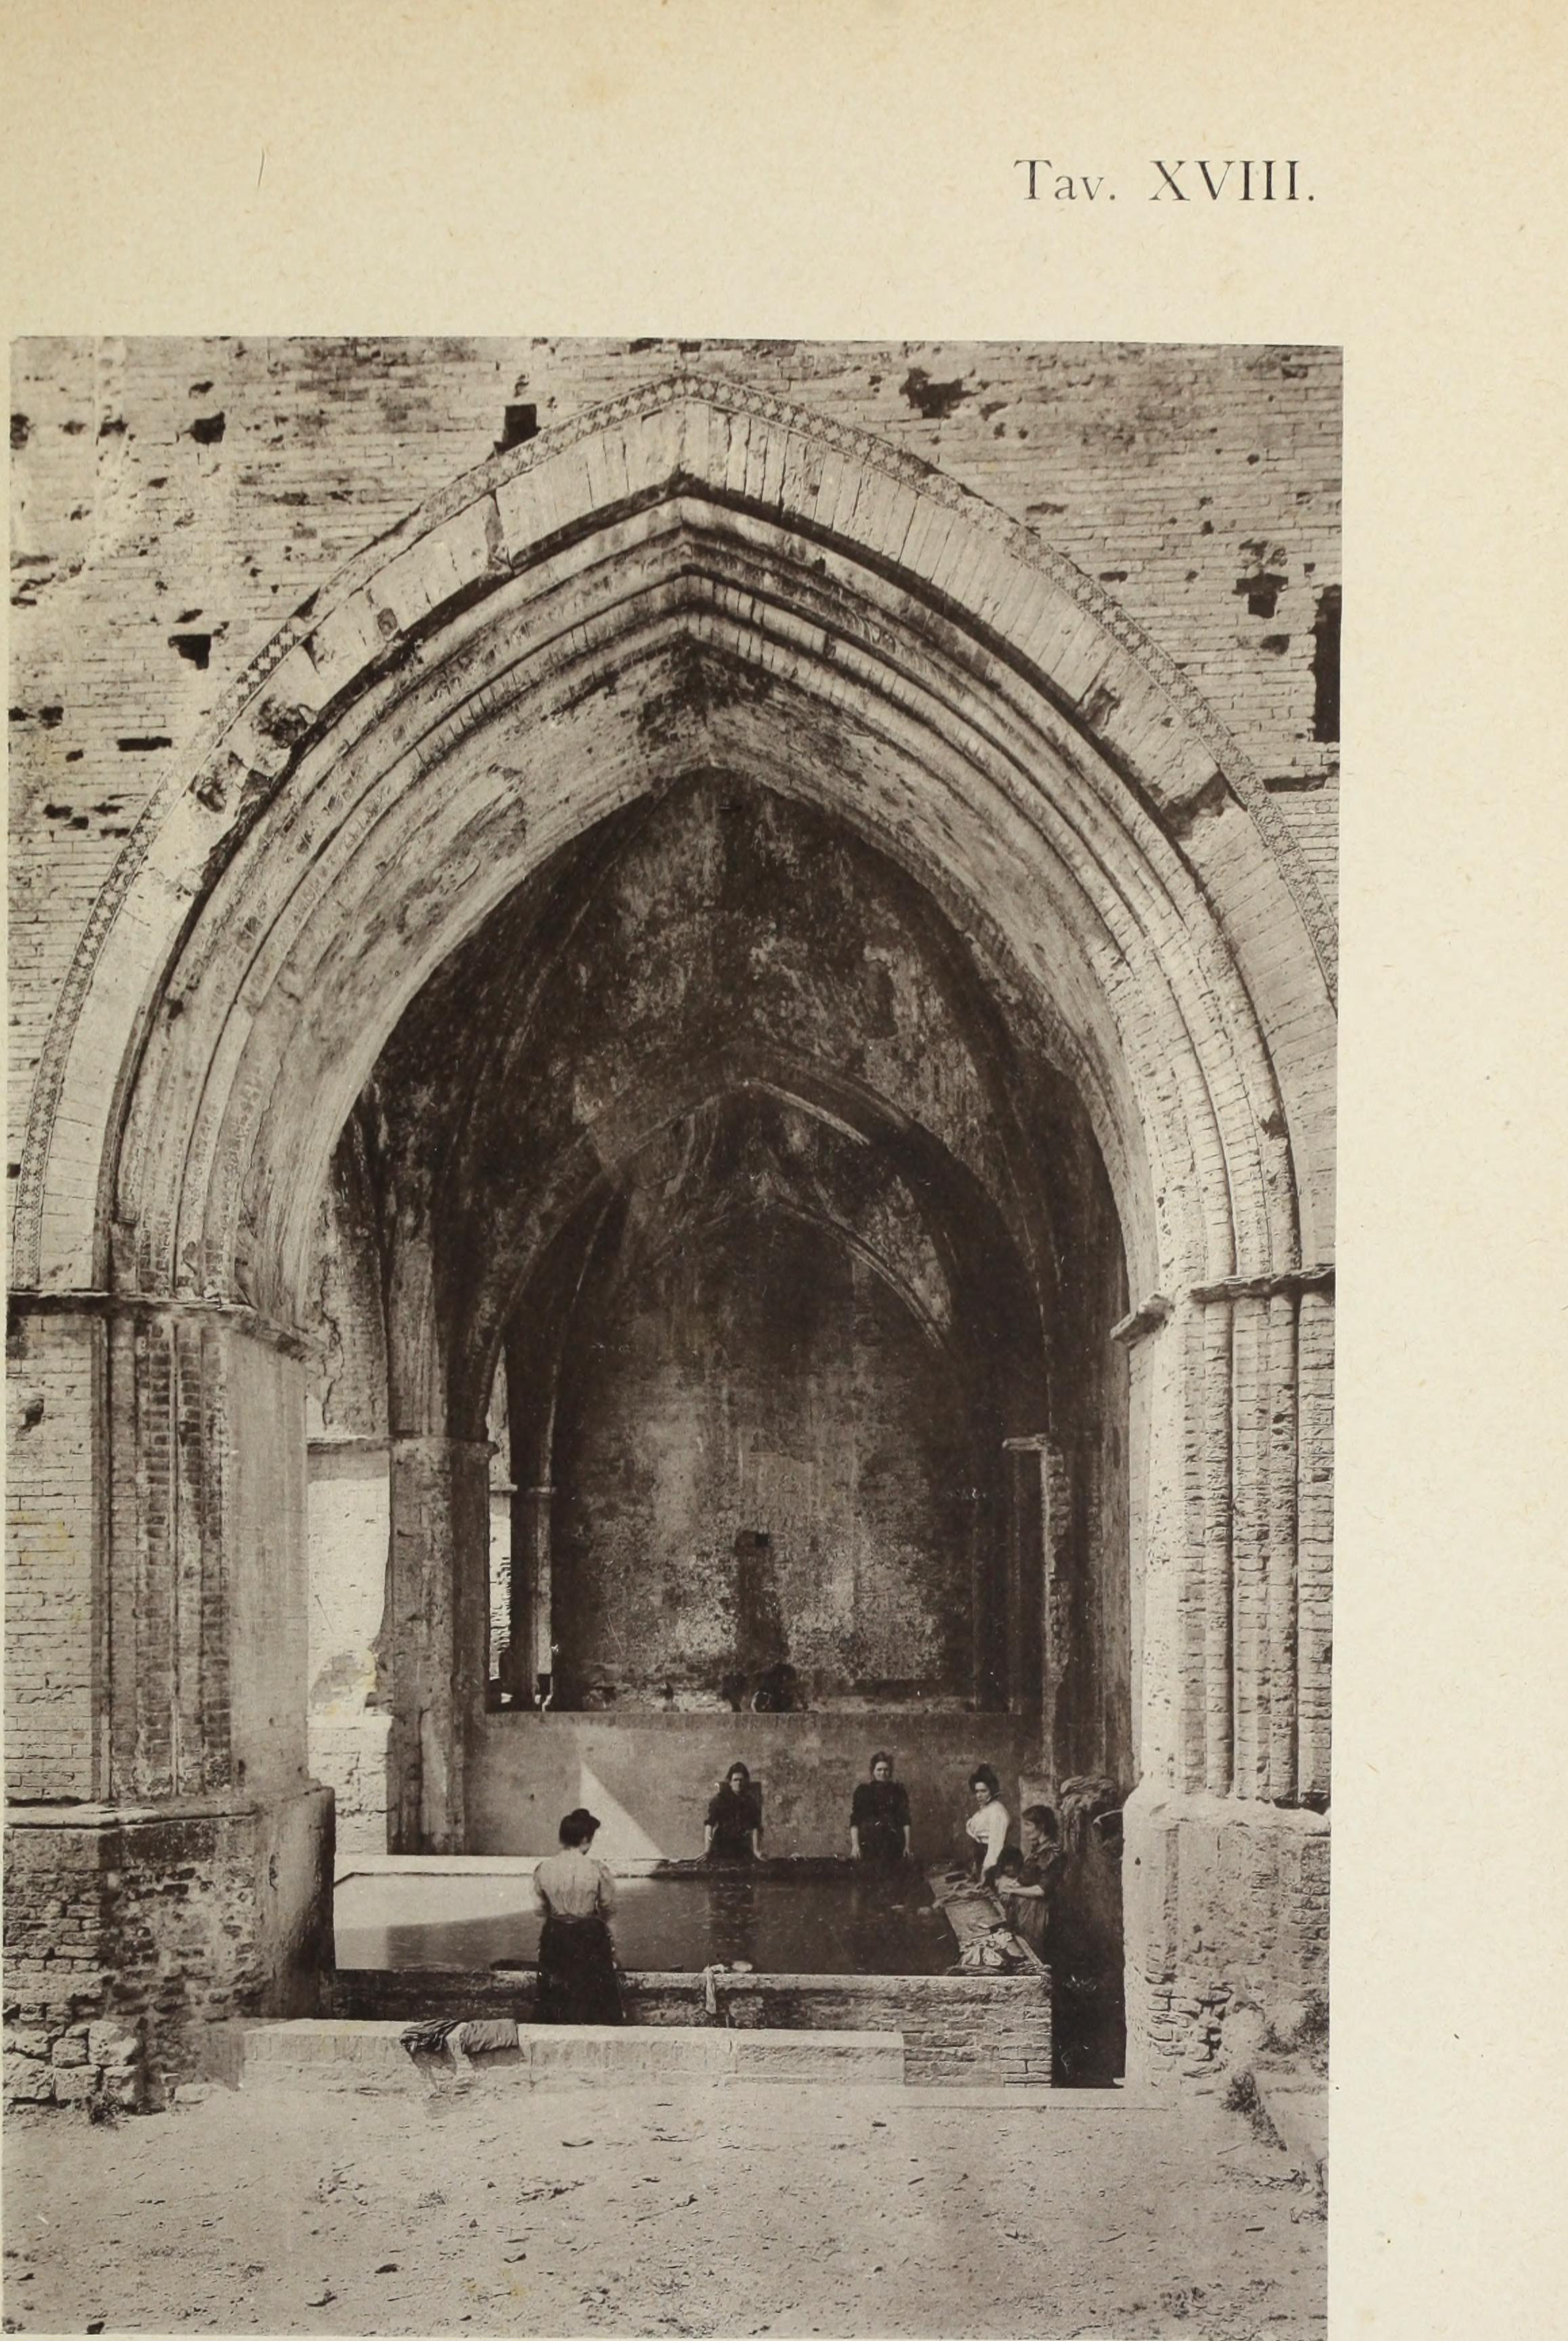 Le fonti di Siena e i loro aquedotti, note storiche dalle origini fino al MDLV (1906) (14754351326).jpg